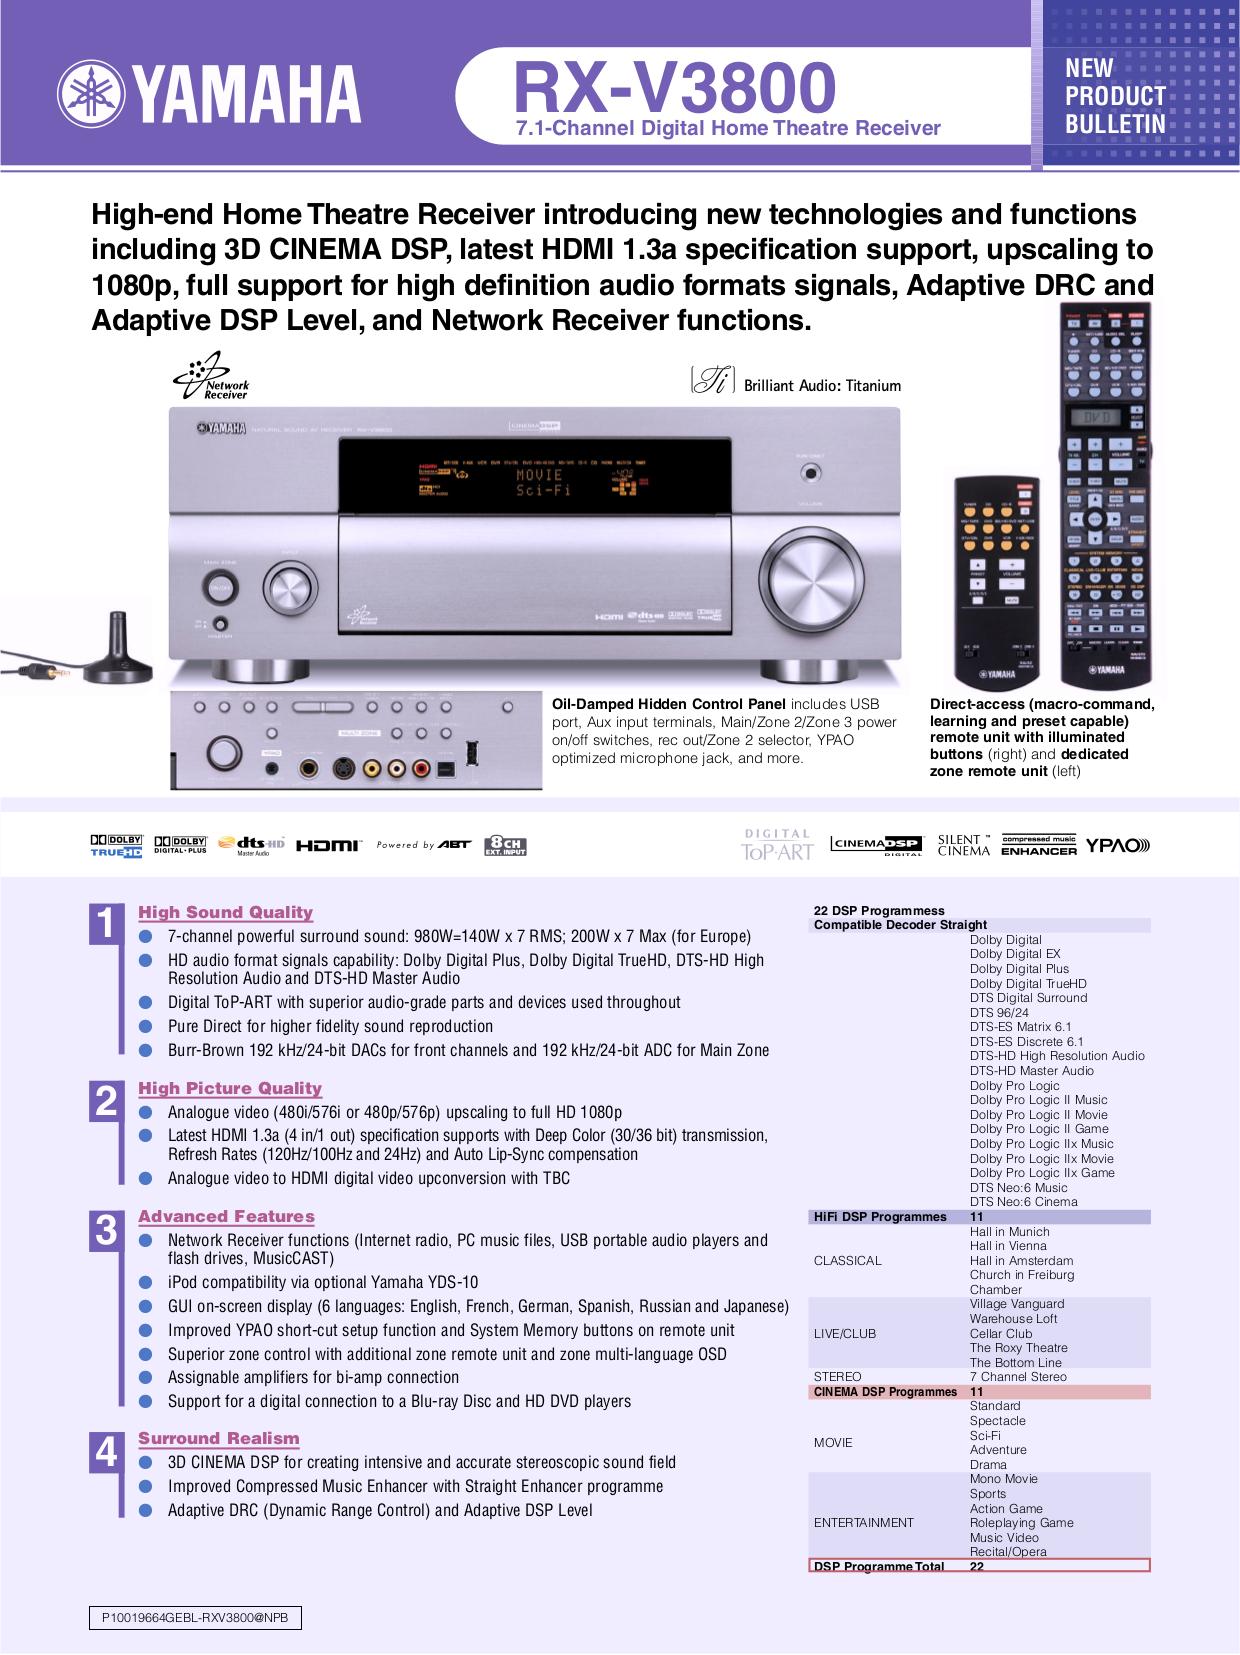 download free pdf for yamaha rx v3800 receiver manual. Black Bedroom Furniture Sets. Home Design Ideas